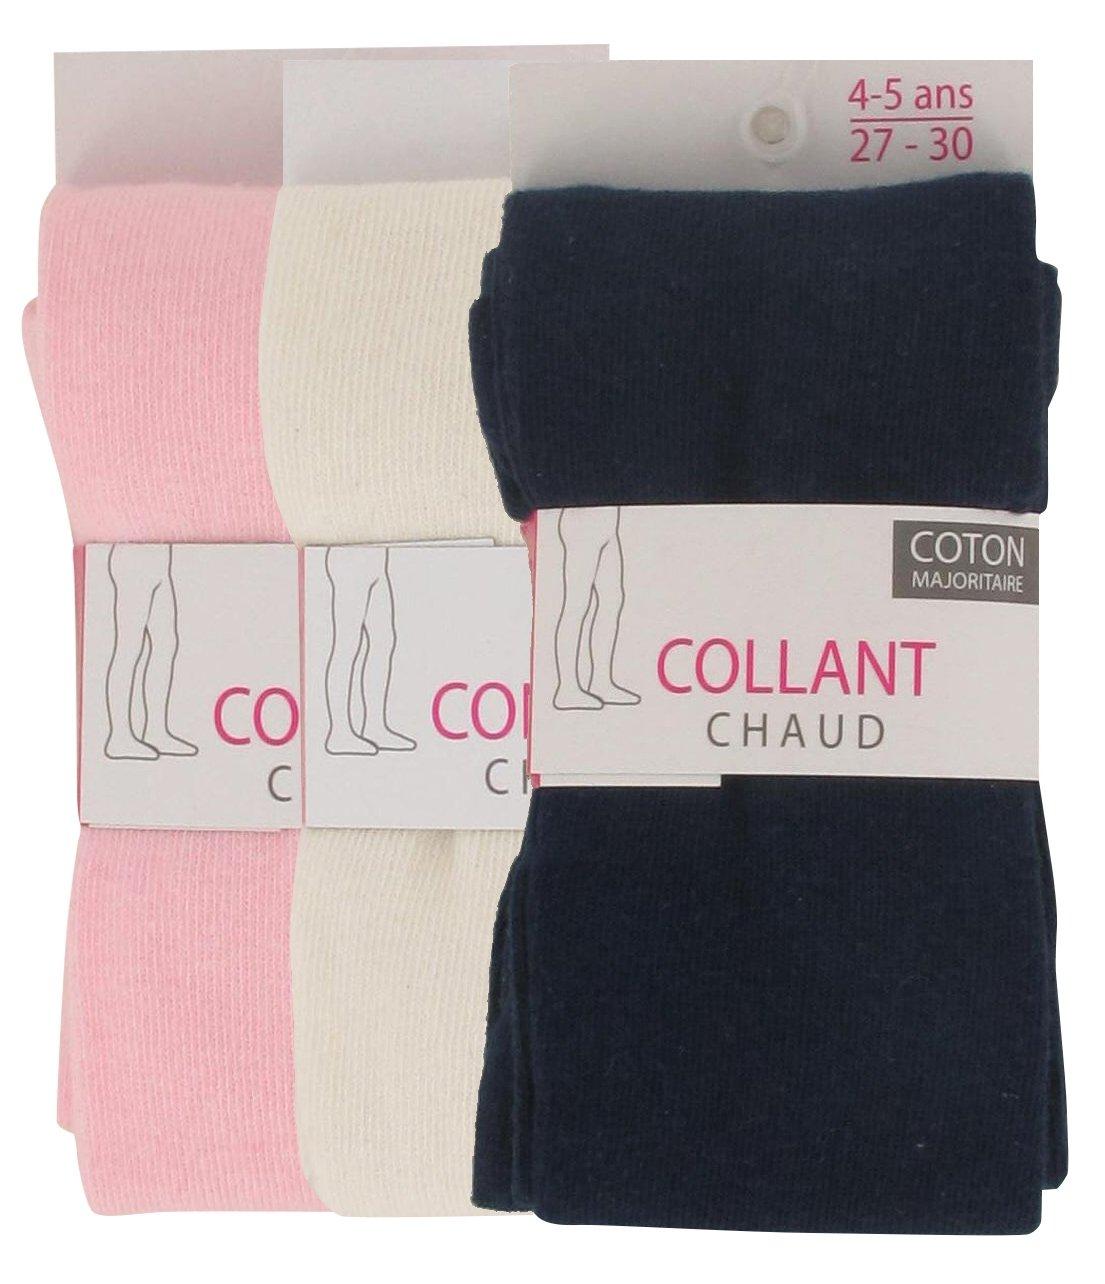 Ozabi - Collants Chauds Bébé Lot de 3 Unis Couleur - Écru/Rose/Marine, Taille - 2/3A